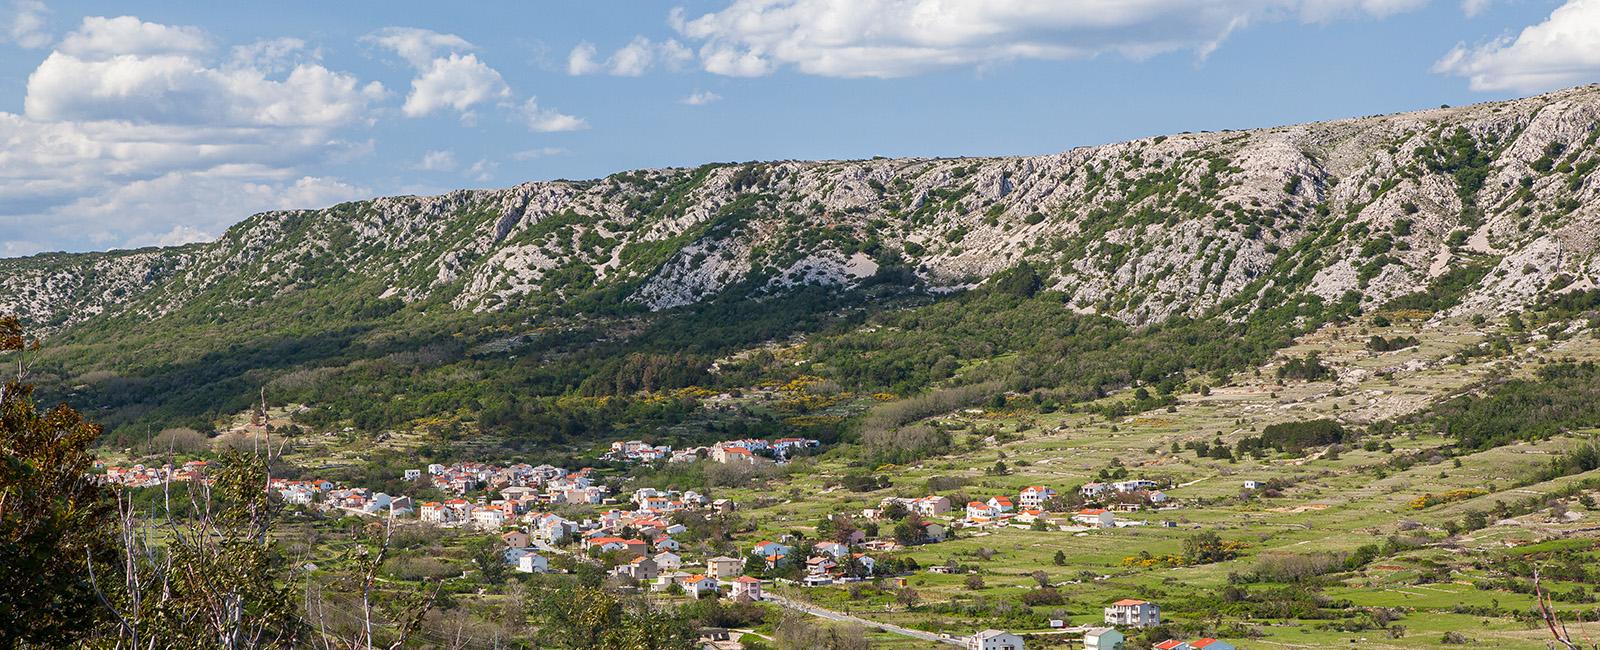 Naselje Draga Bašćanska - Općina Baška